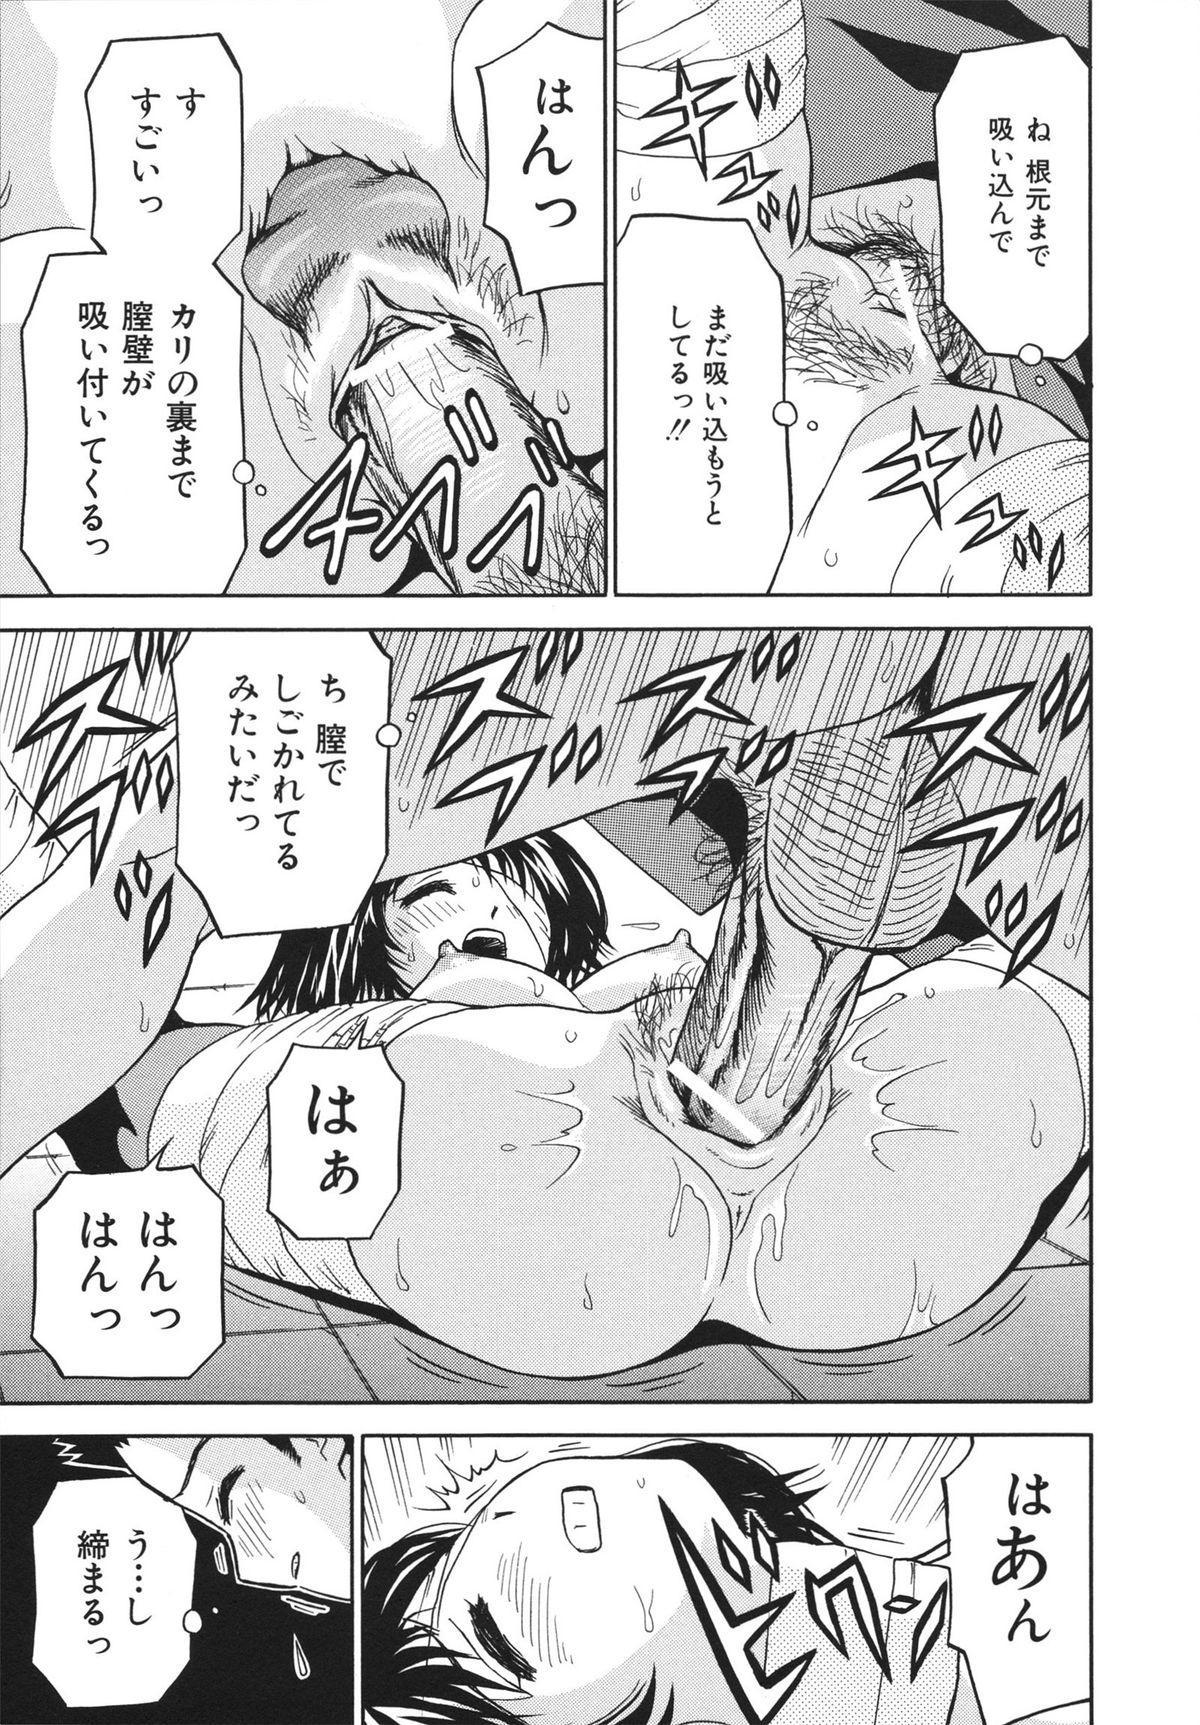 Houtai Shoujo - Bandage Girl 42